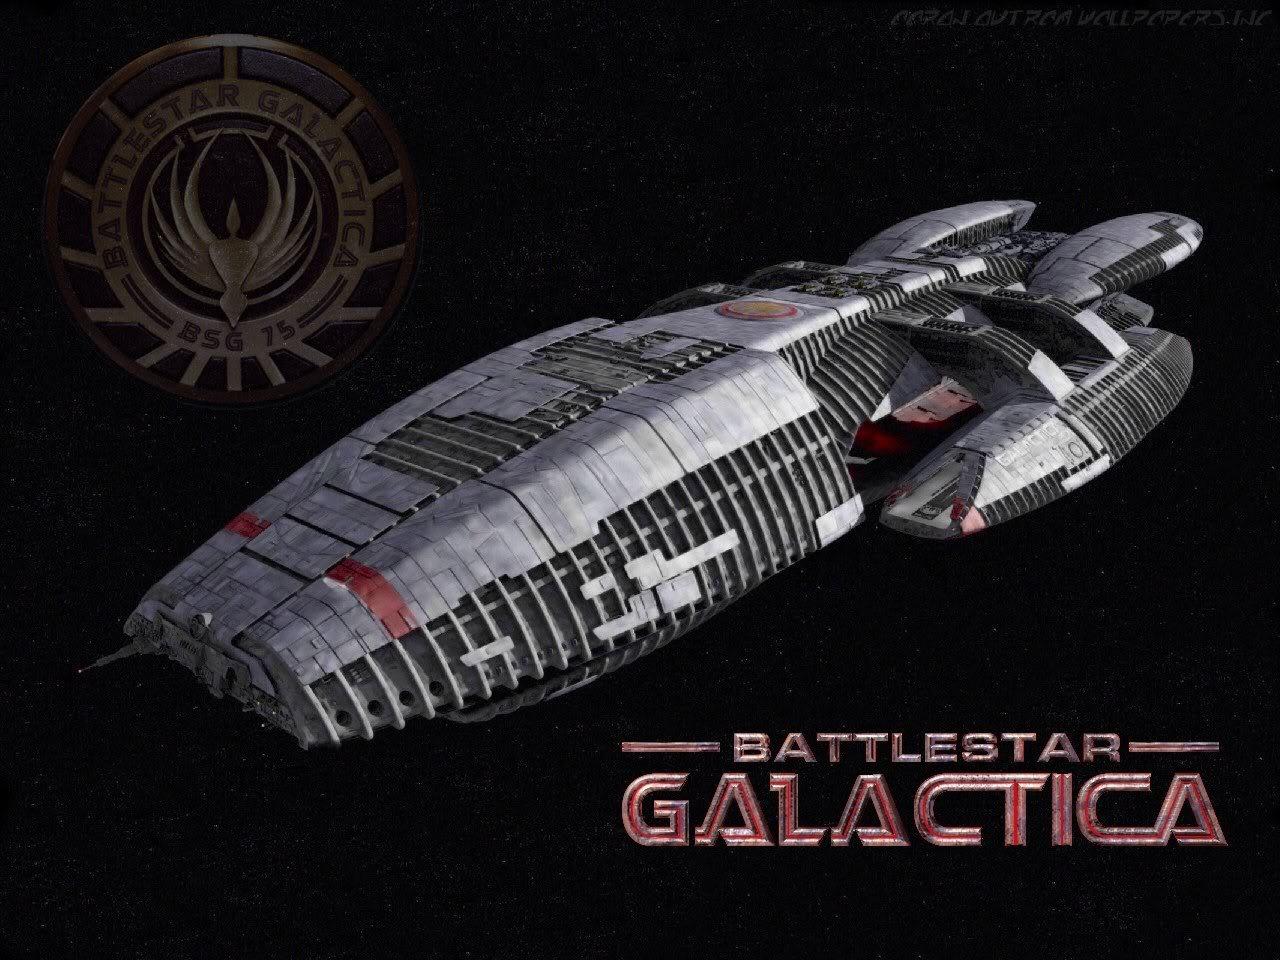 Battlestar Galactica Images